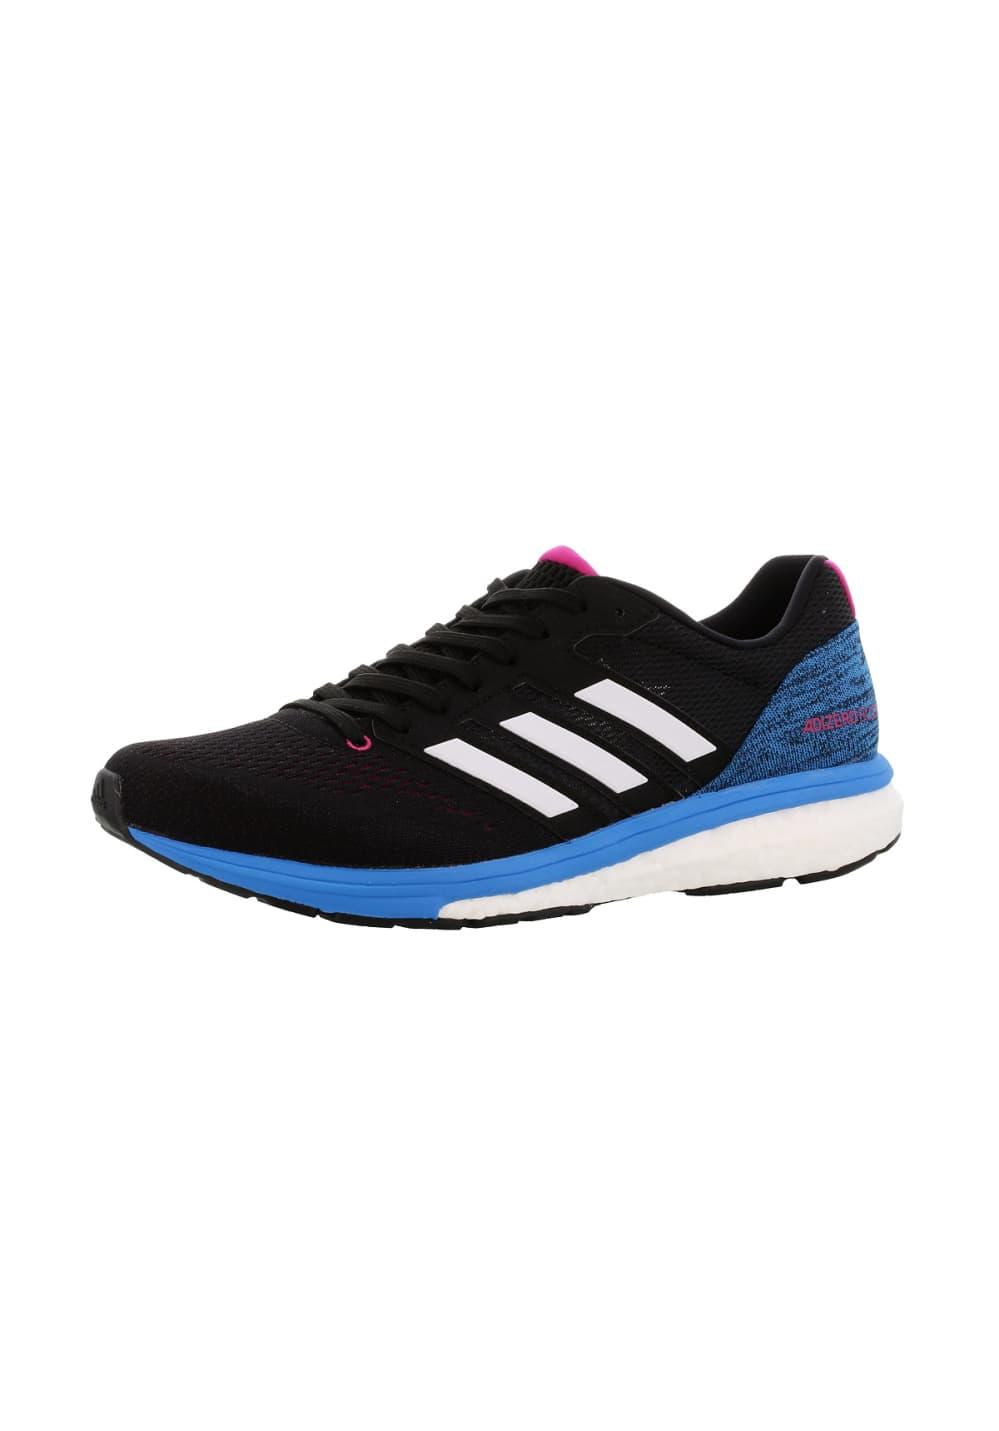 adidas Adizero Boston 7 - Laufschuhe für Damen - Schwarz